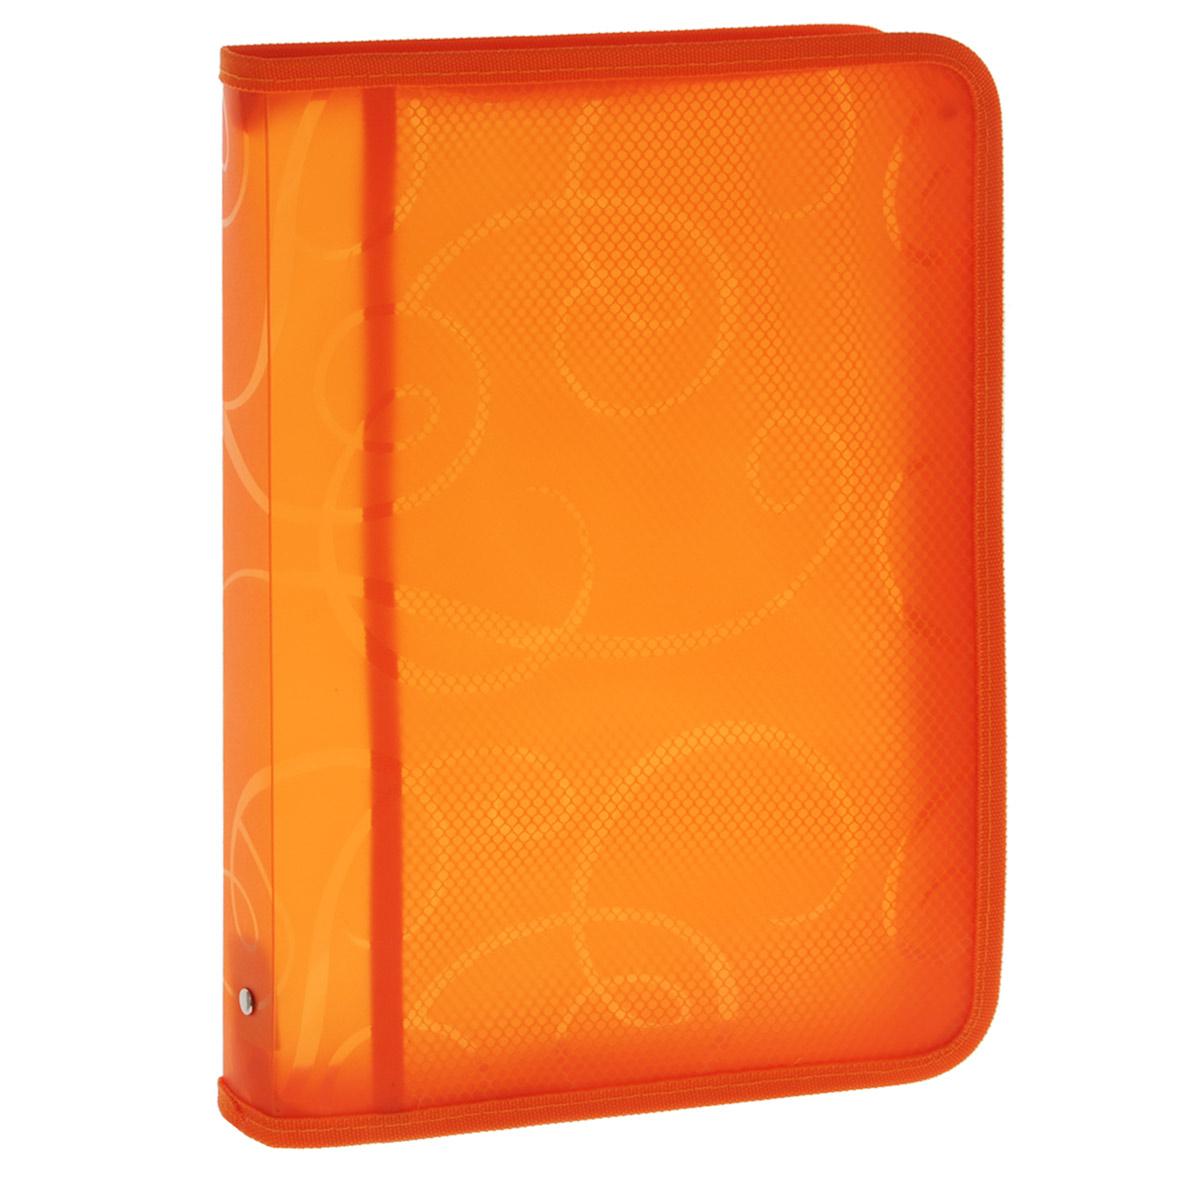 Centrum Папка на молнии цвет оранжевый80900 оранжевыйПапка для тетрадей Centrum - это удобный и функциональный офисный инструмент, предназначенный для хранения и транспортировки рабочих бумаг и документов формата А4, а также тетрадей и канцелярских принадлежностей.Папка изготовлена из прочного высококачественного пластика, закрывается на круговую застежку-молнию. Папка состоит из одного отделения, внутри расположен открытый карман-сеточка. Папка оформлена оригинальным принтом в виде спиралей. Папка имеет опрятный и неброский вид. Края папки отделаны полиэстером, а уголки имеют закругленную форму, что предотвращает их загибание и помогает надолго сохранить опрятный вид обложки.Папка - это незаменимый атрибут для любого студента, школьника или офисного работника. Такая папка надежно сохранит ваши бумаги и сбережет их от повреждений, пыли и влаги.